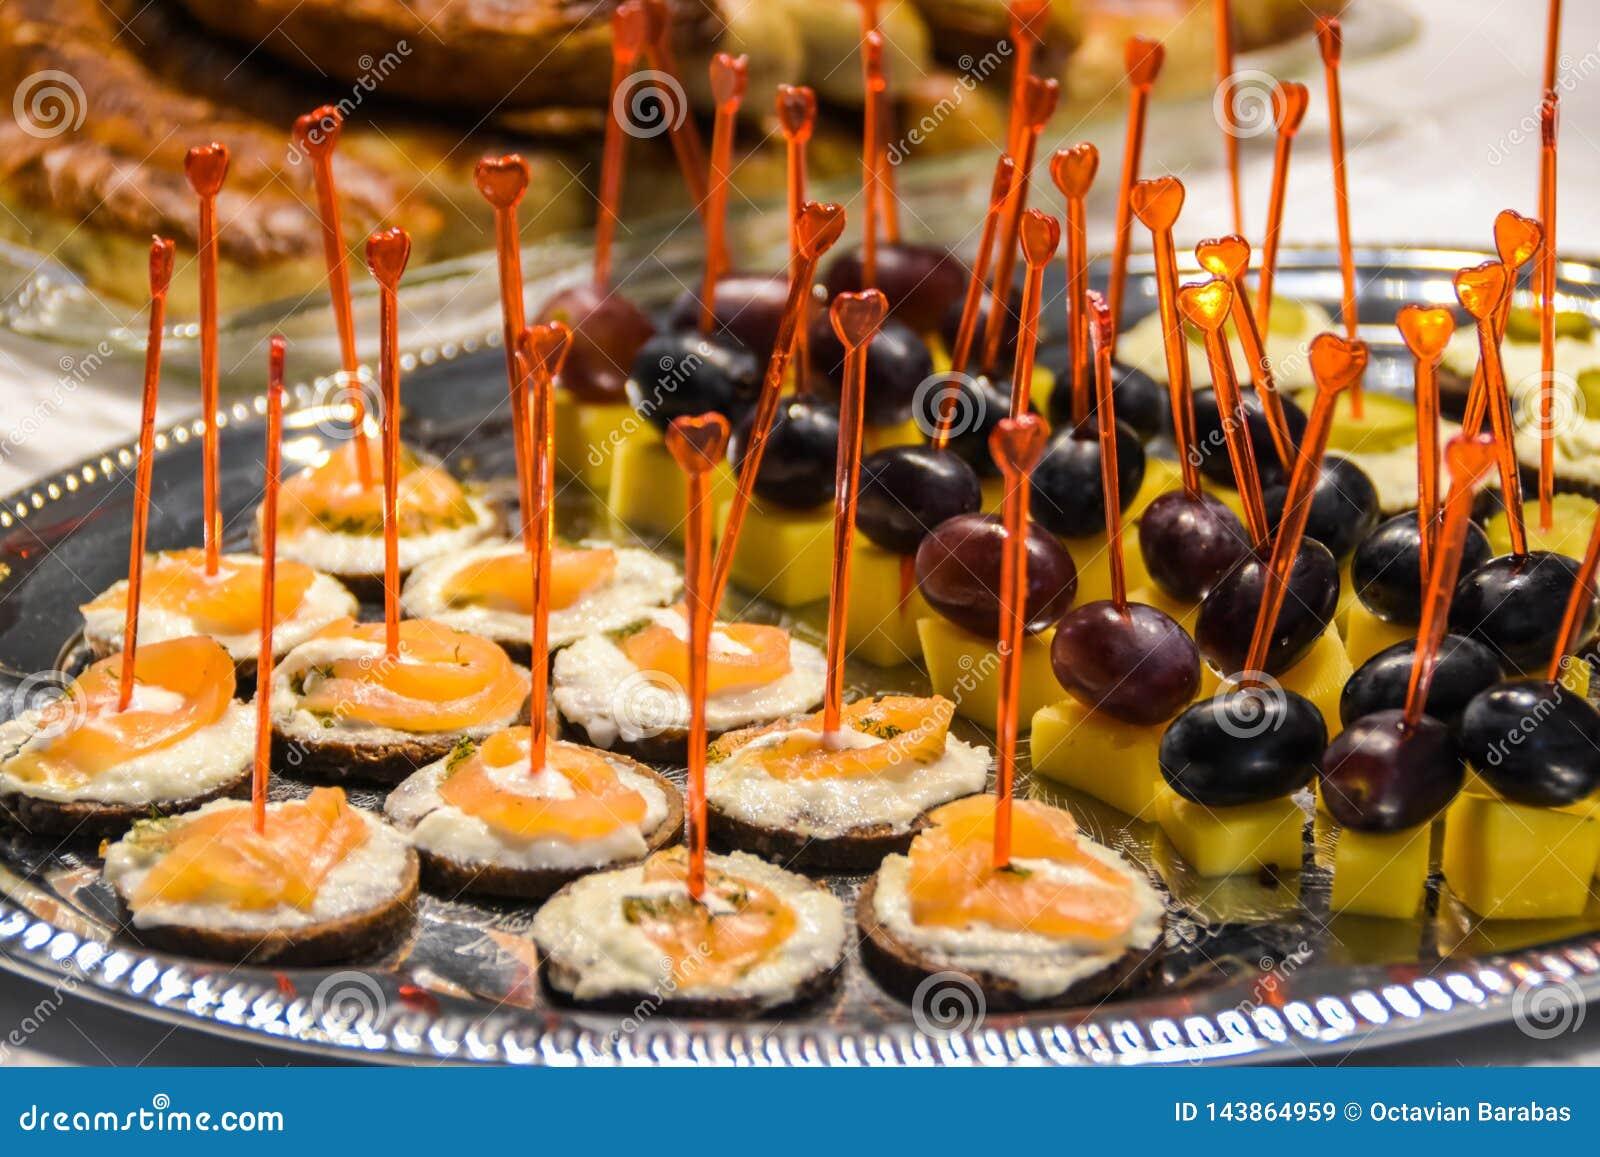 Smakowite zakąski z serem, ryba, winogrona i ser na srebnym półmisku